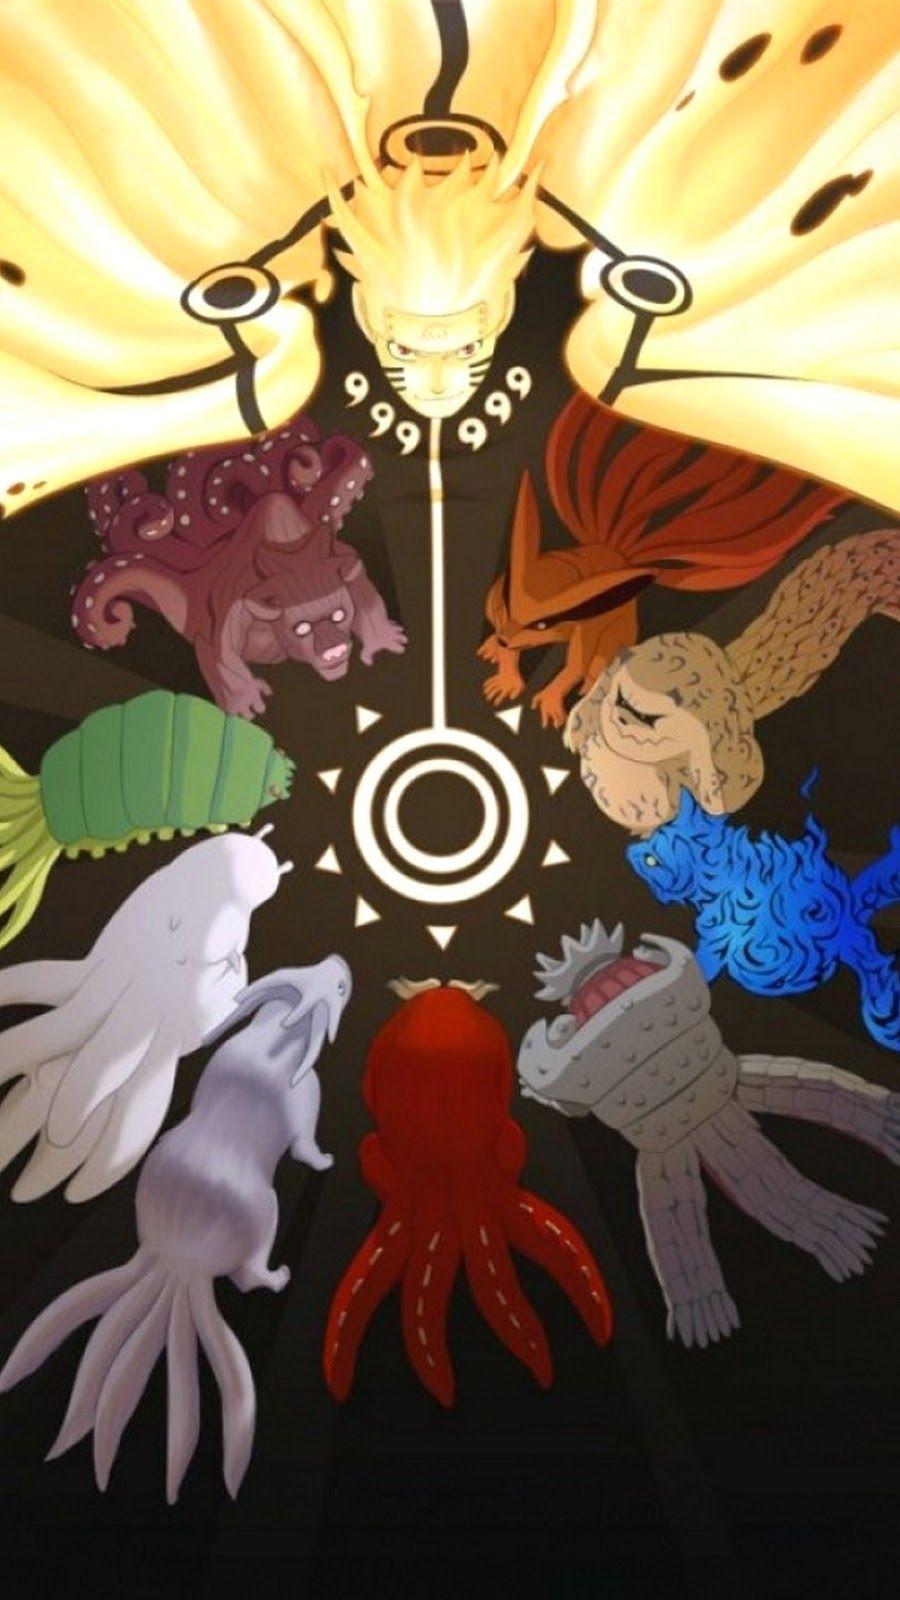 Kakashi Supreme Wallpapers Top Free Kakashi Supreme